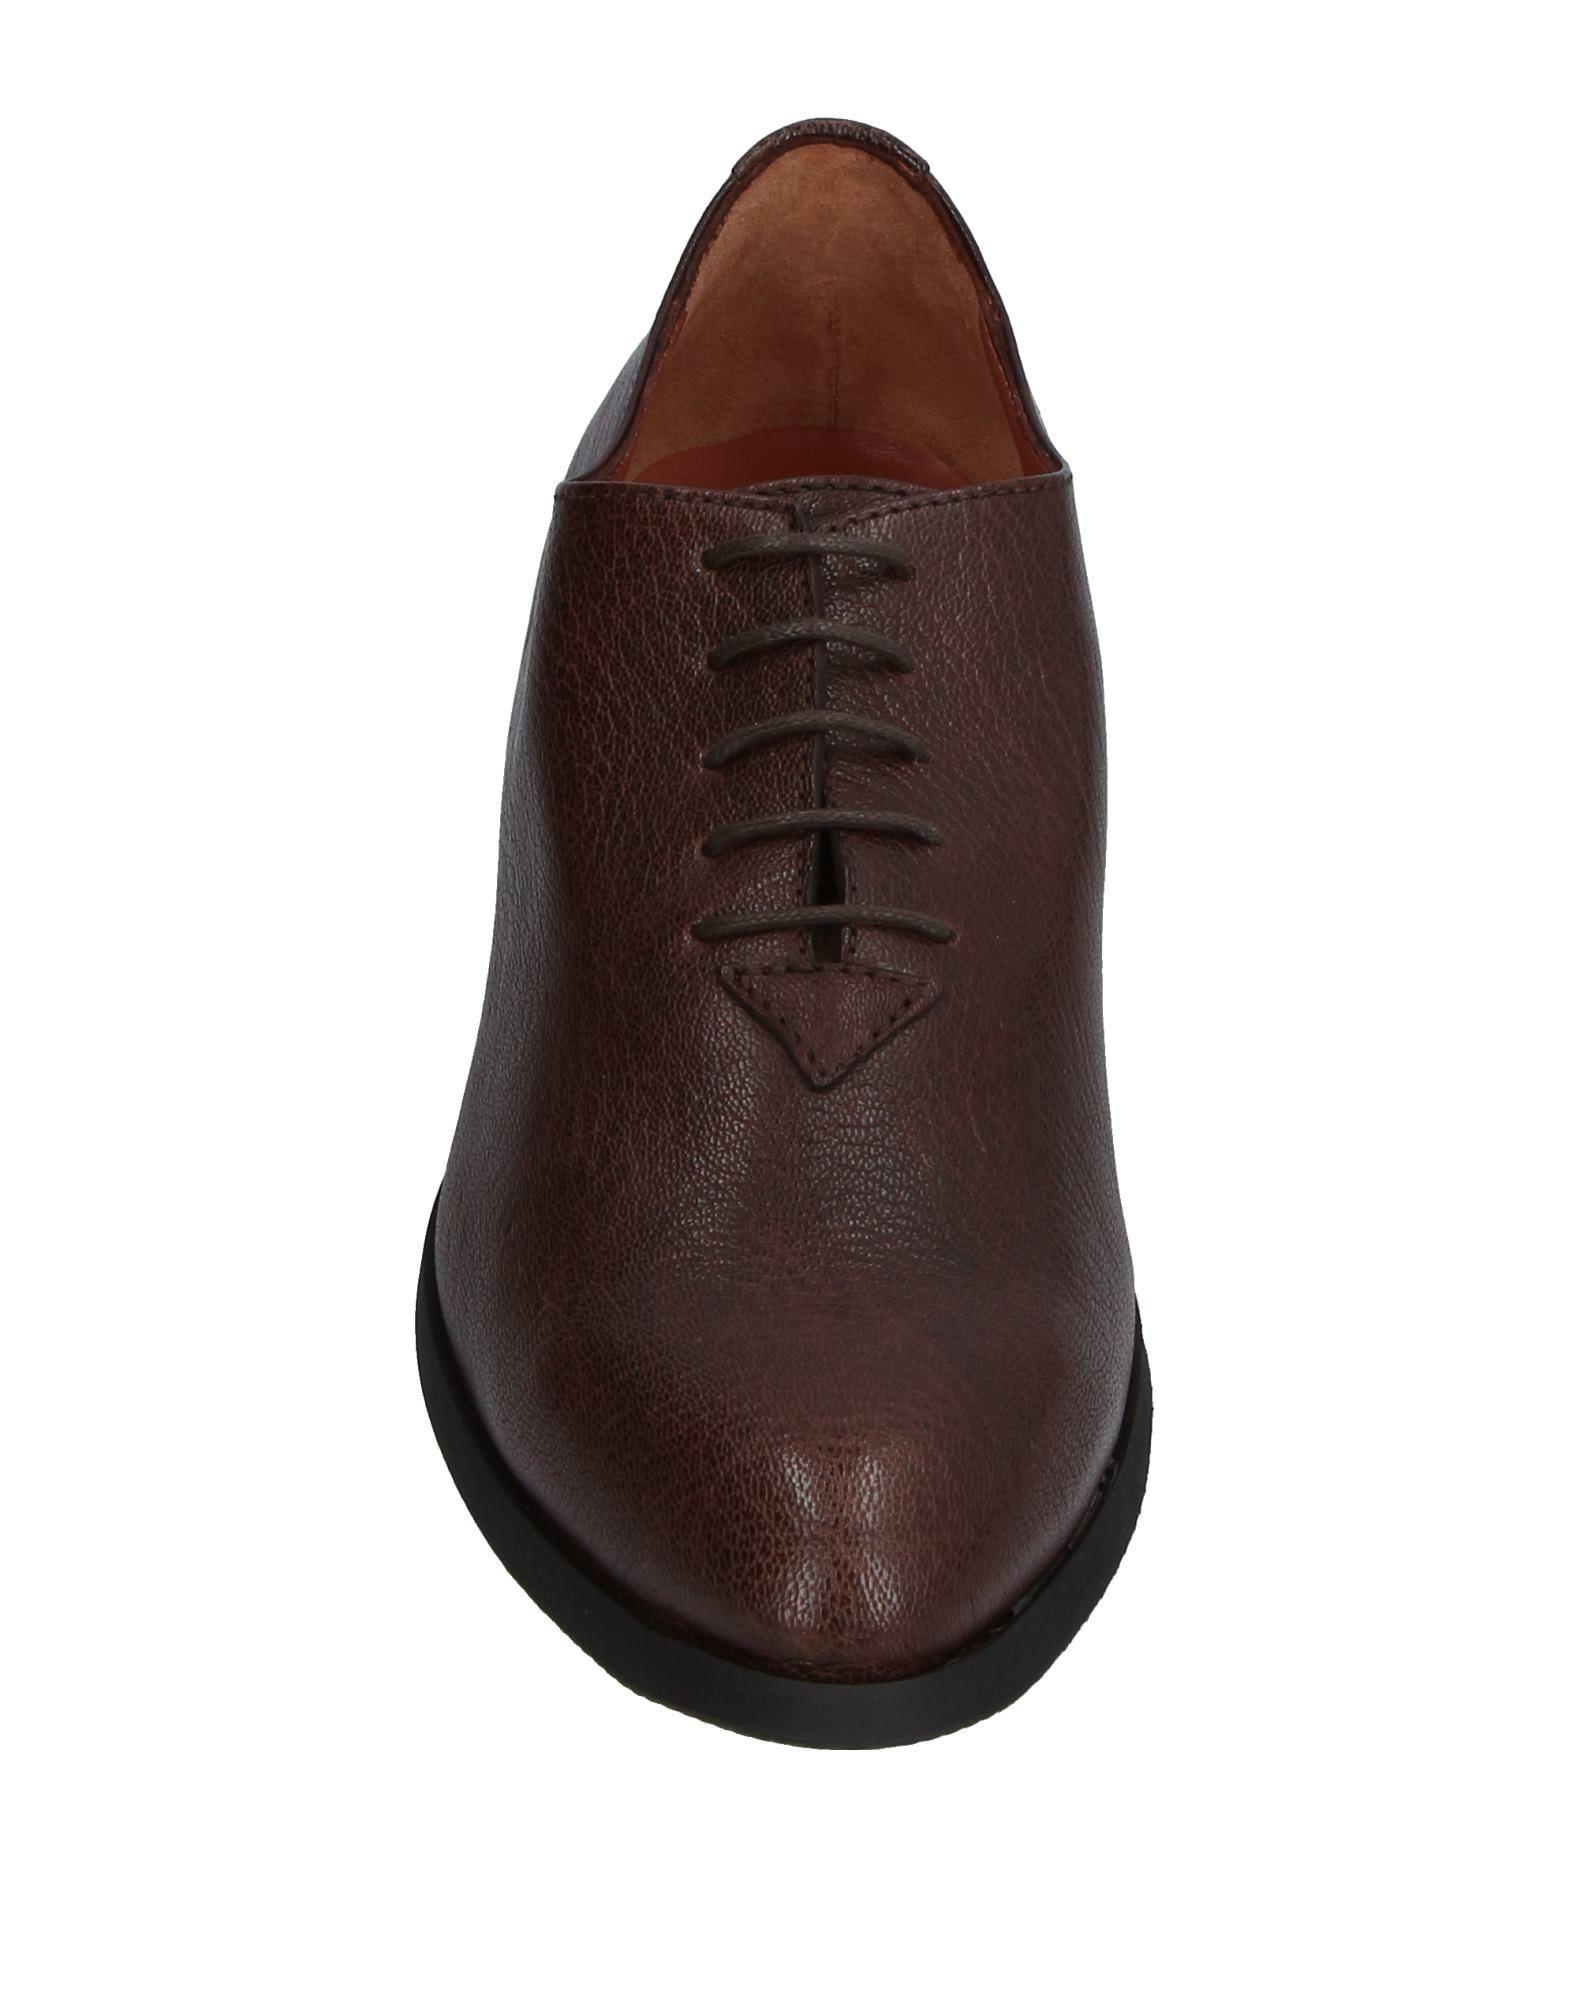 F.Lli Bruglia Schnürschuhe Damen  11219019NO Gute Qualität beliebte Schuhe